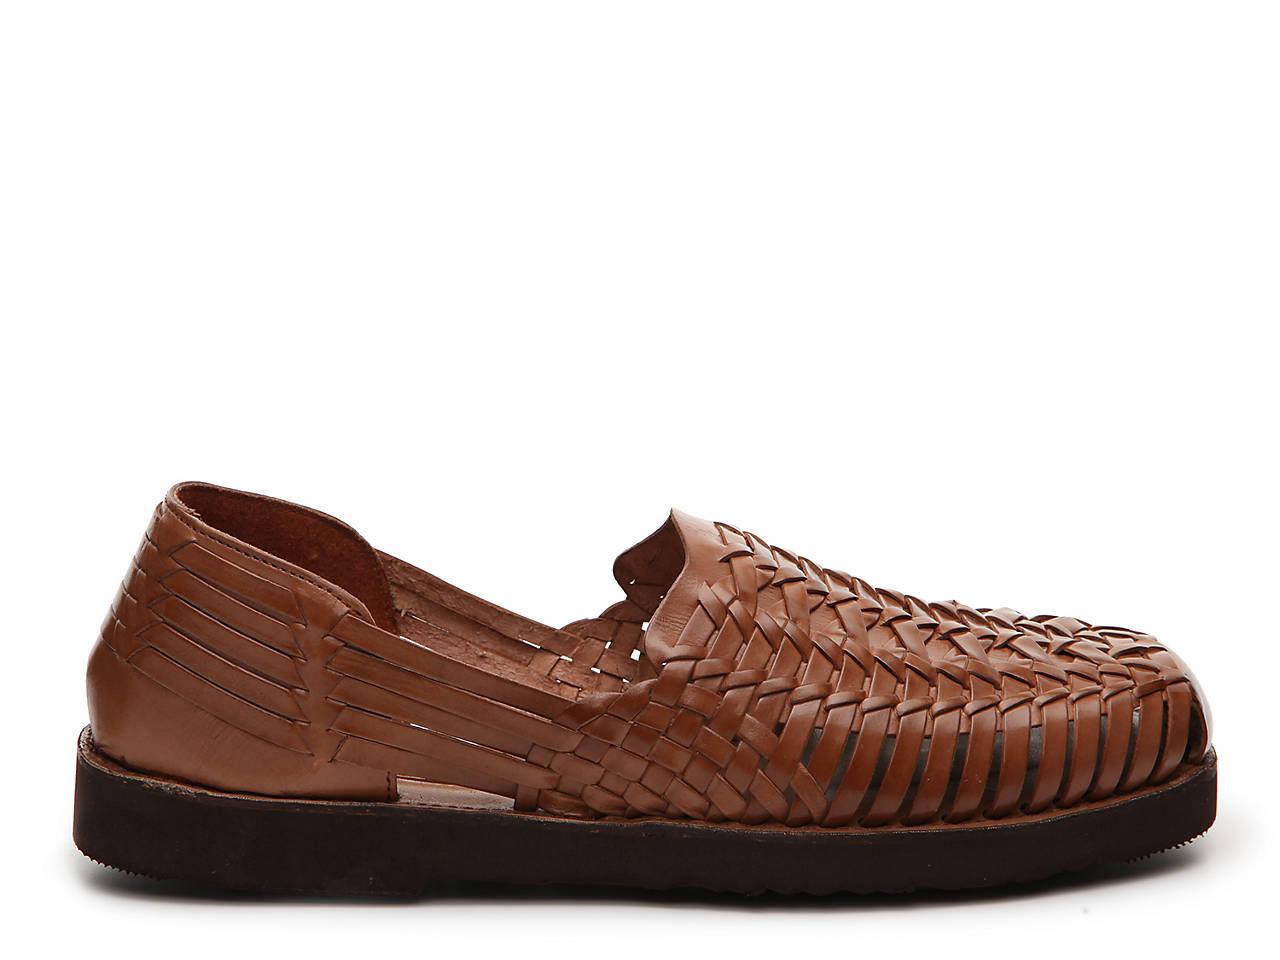 a9789fdd4ea Sunsteps Barclay Huarache Sandal Men s Shoes